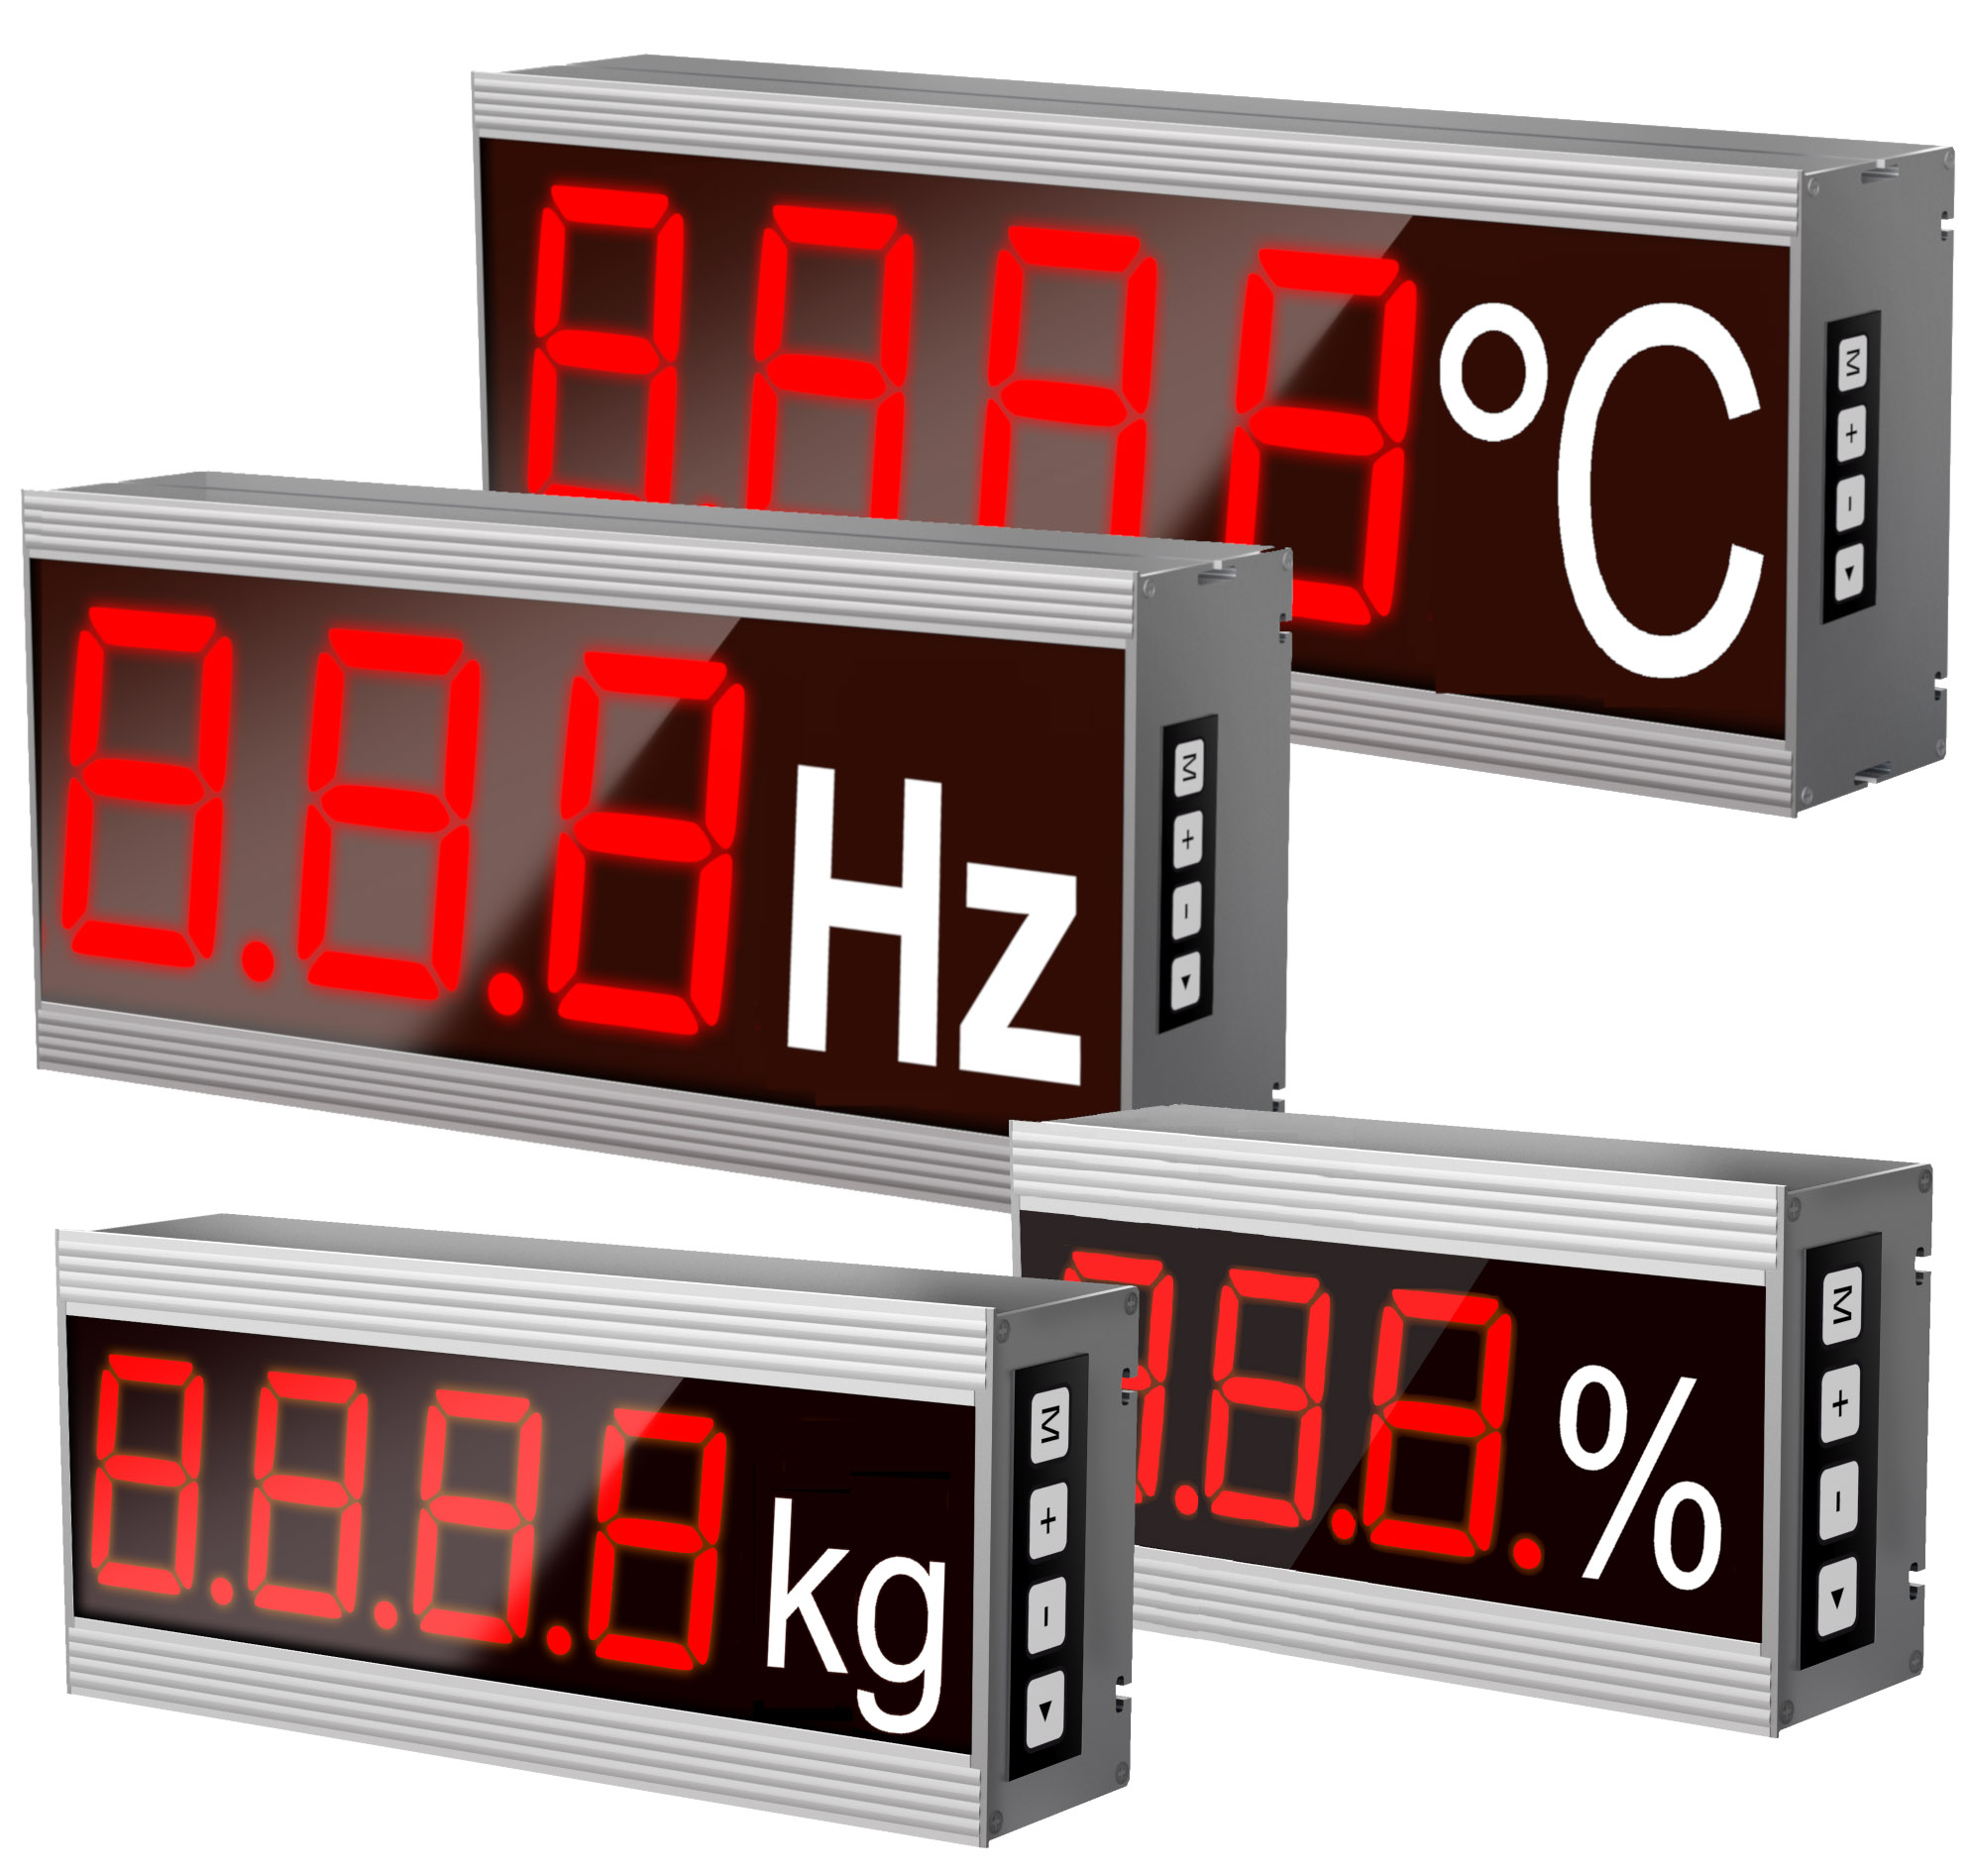 Grands afficheurs numériques, nombre de chiffres: 1 à 12 chiffres, symbole de cote, taille des carac